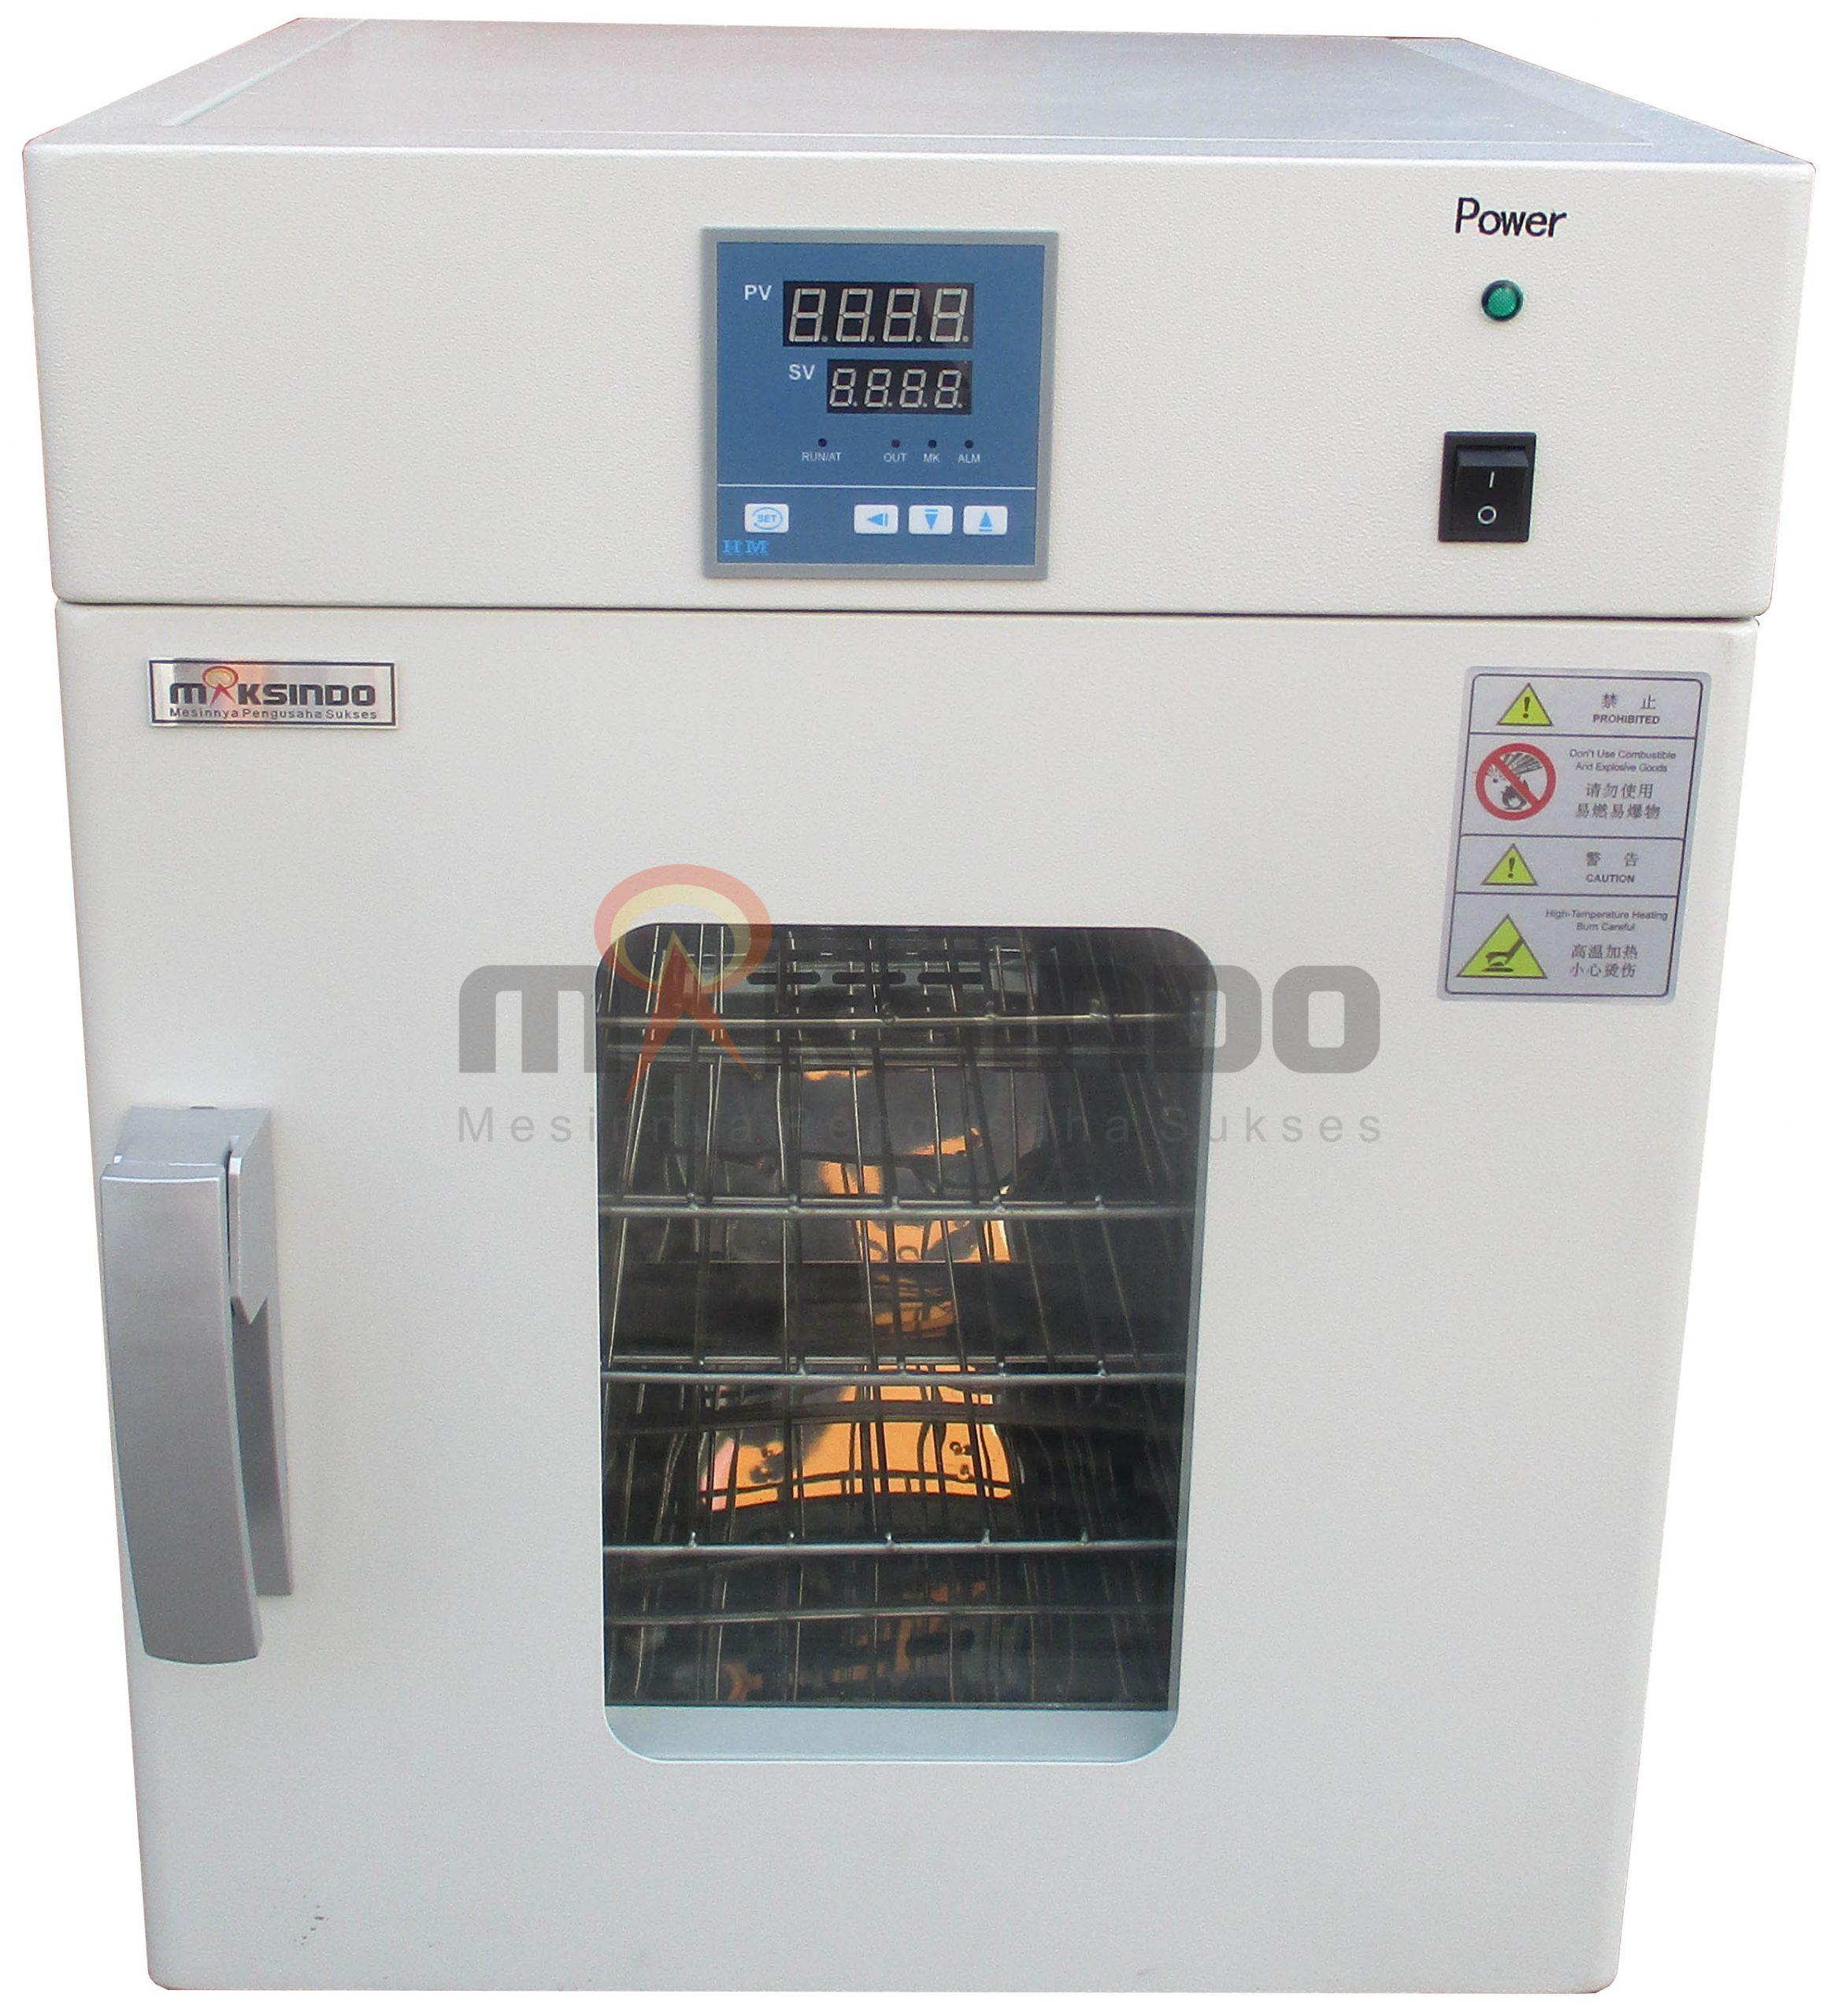 Jual Mesin Fermentasi Bawang Putih / Black Garlic Fermentaion MKS-FRM10 Di Palembang